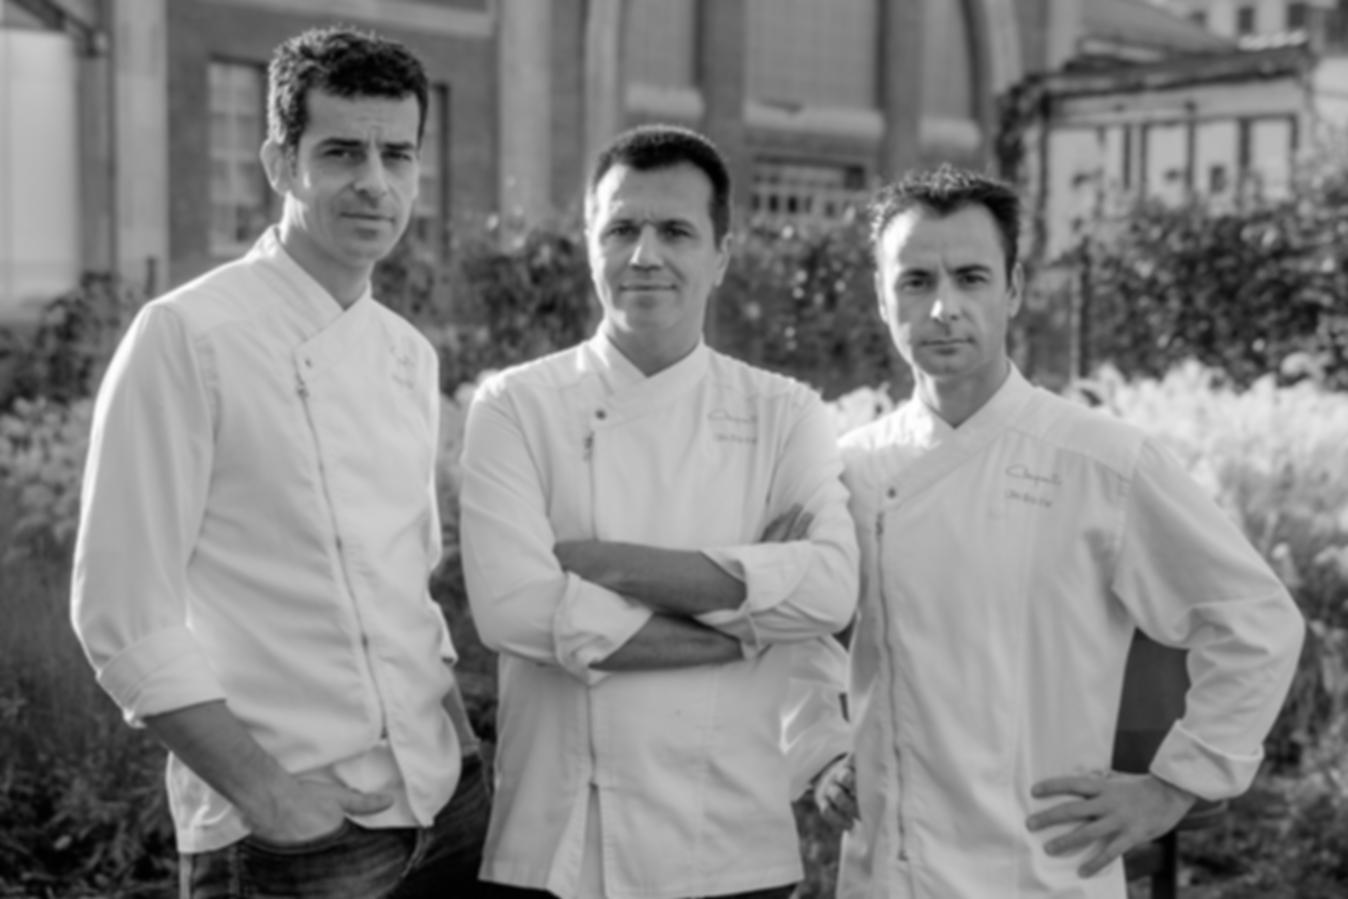 Vivencias de la cuarentena, Oriol Castro, Eduard Xatruch y Mateu Casañas (Restaurantes) - GastroMadrid